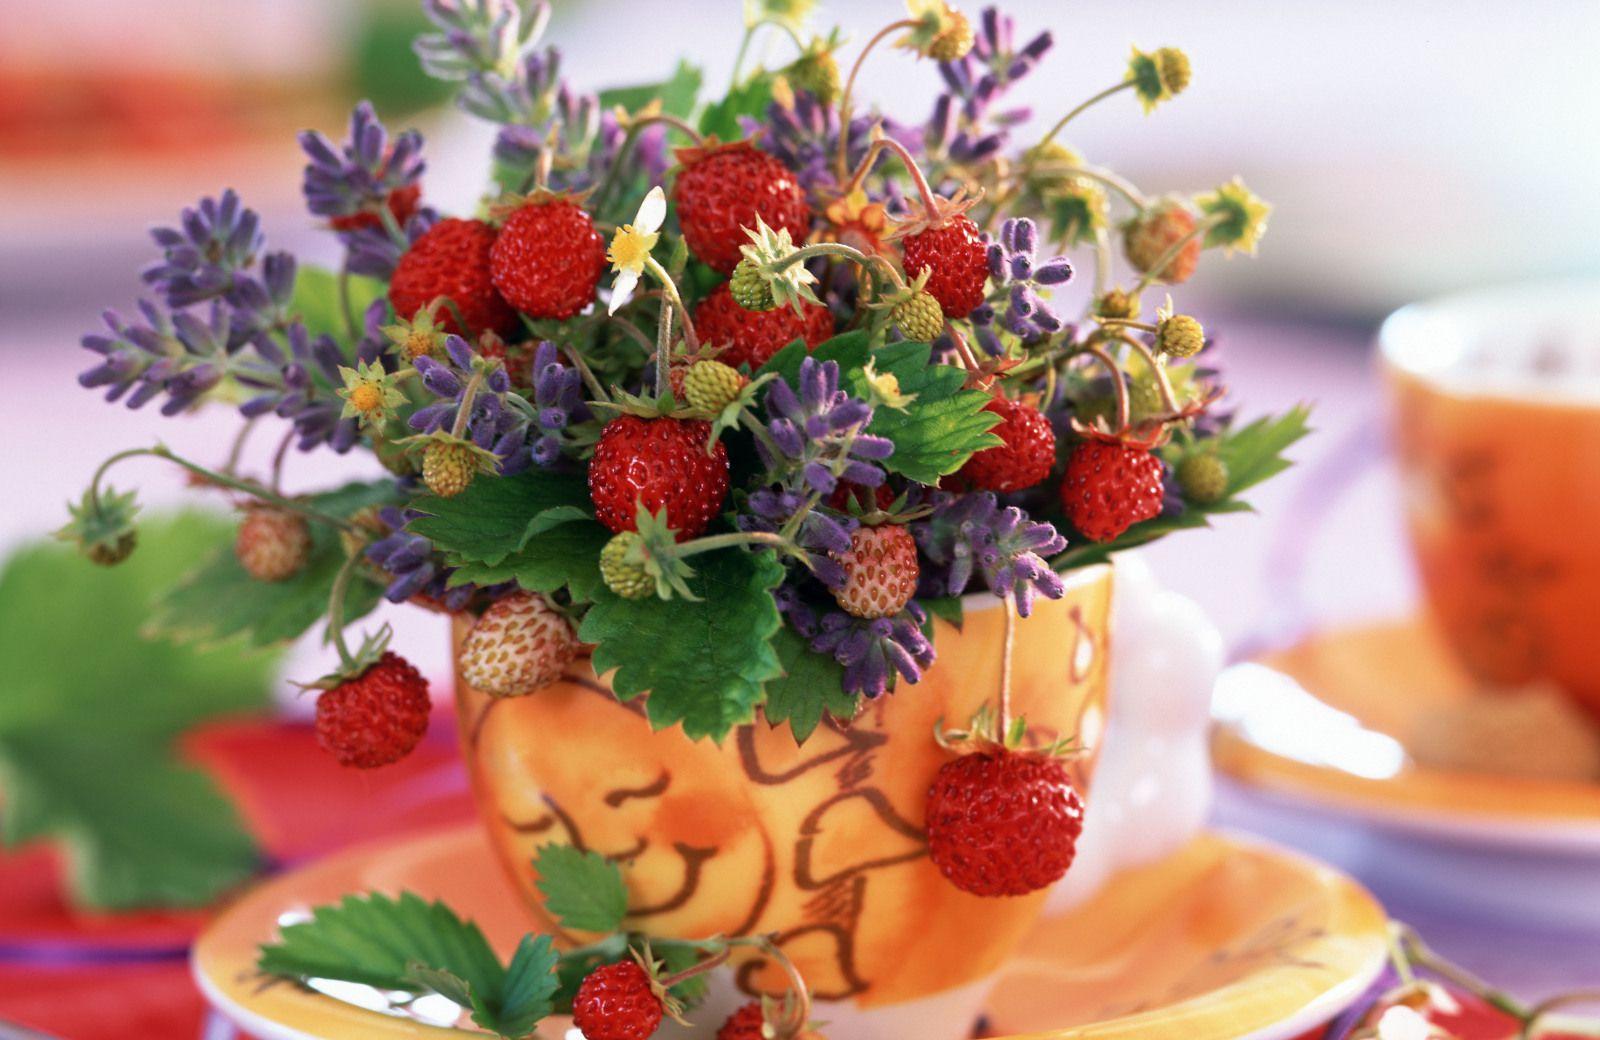 Убави и мирисливи: 10 слатки украси што ќе ве натераат да ги сакате јагодите уште повеќе